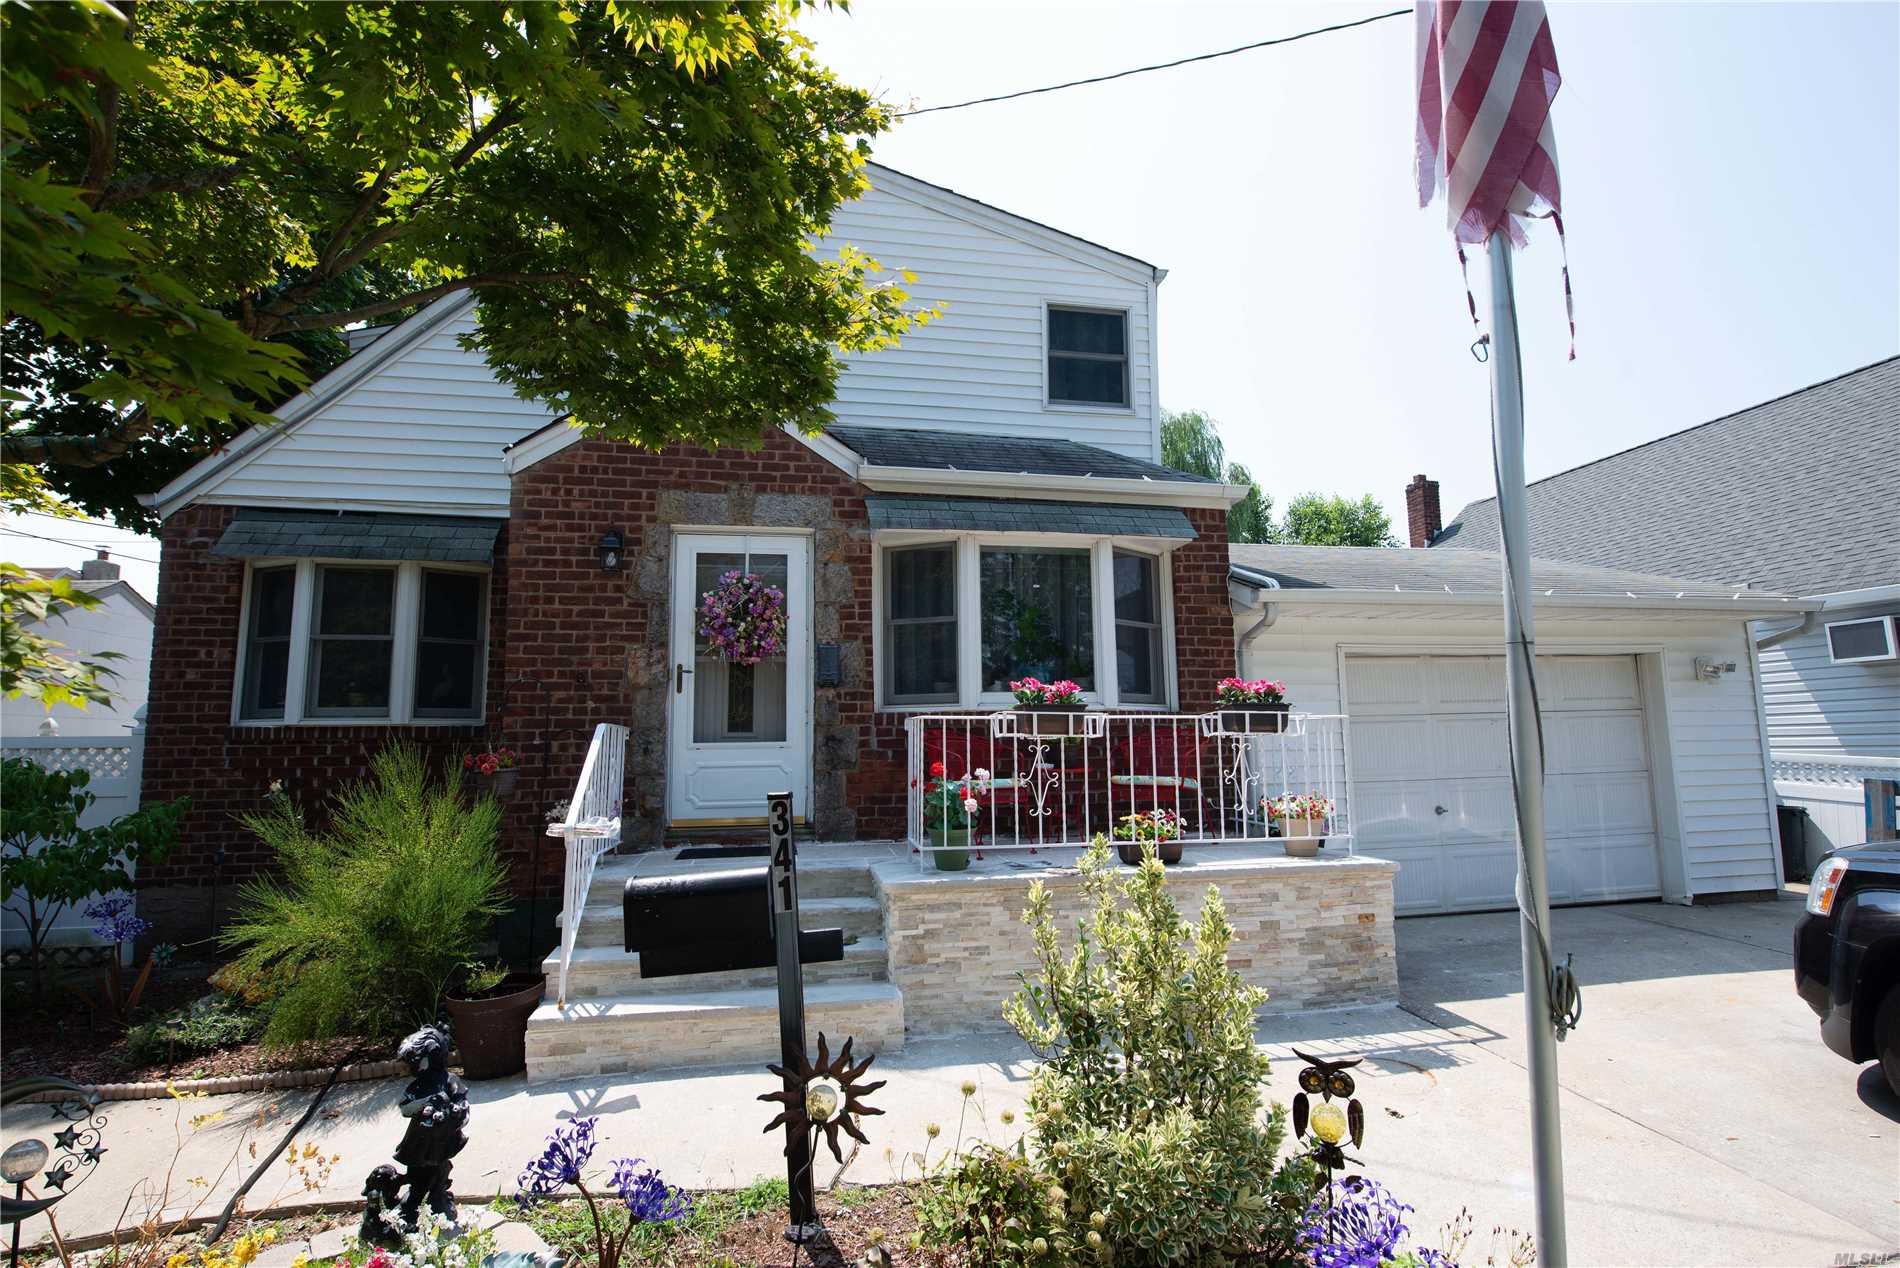 341 Concord Ave W. Hempstead, NY 11552